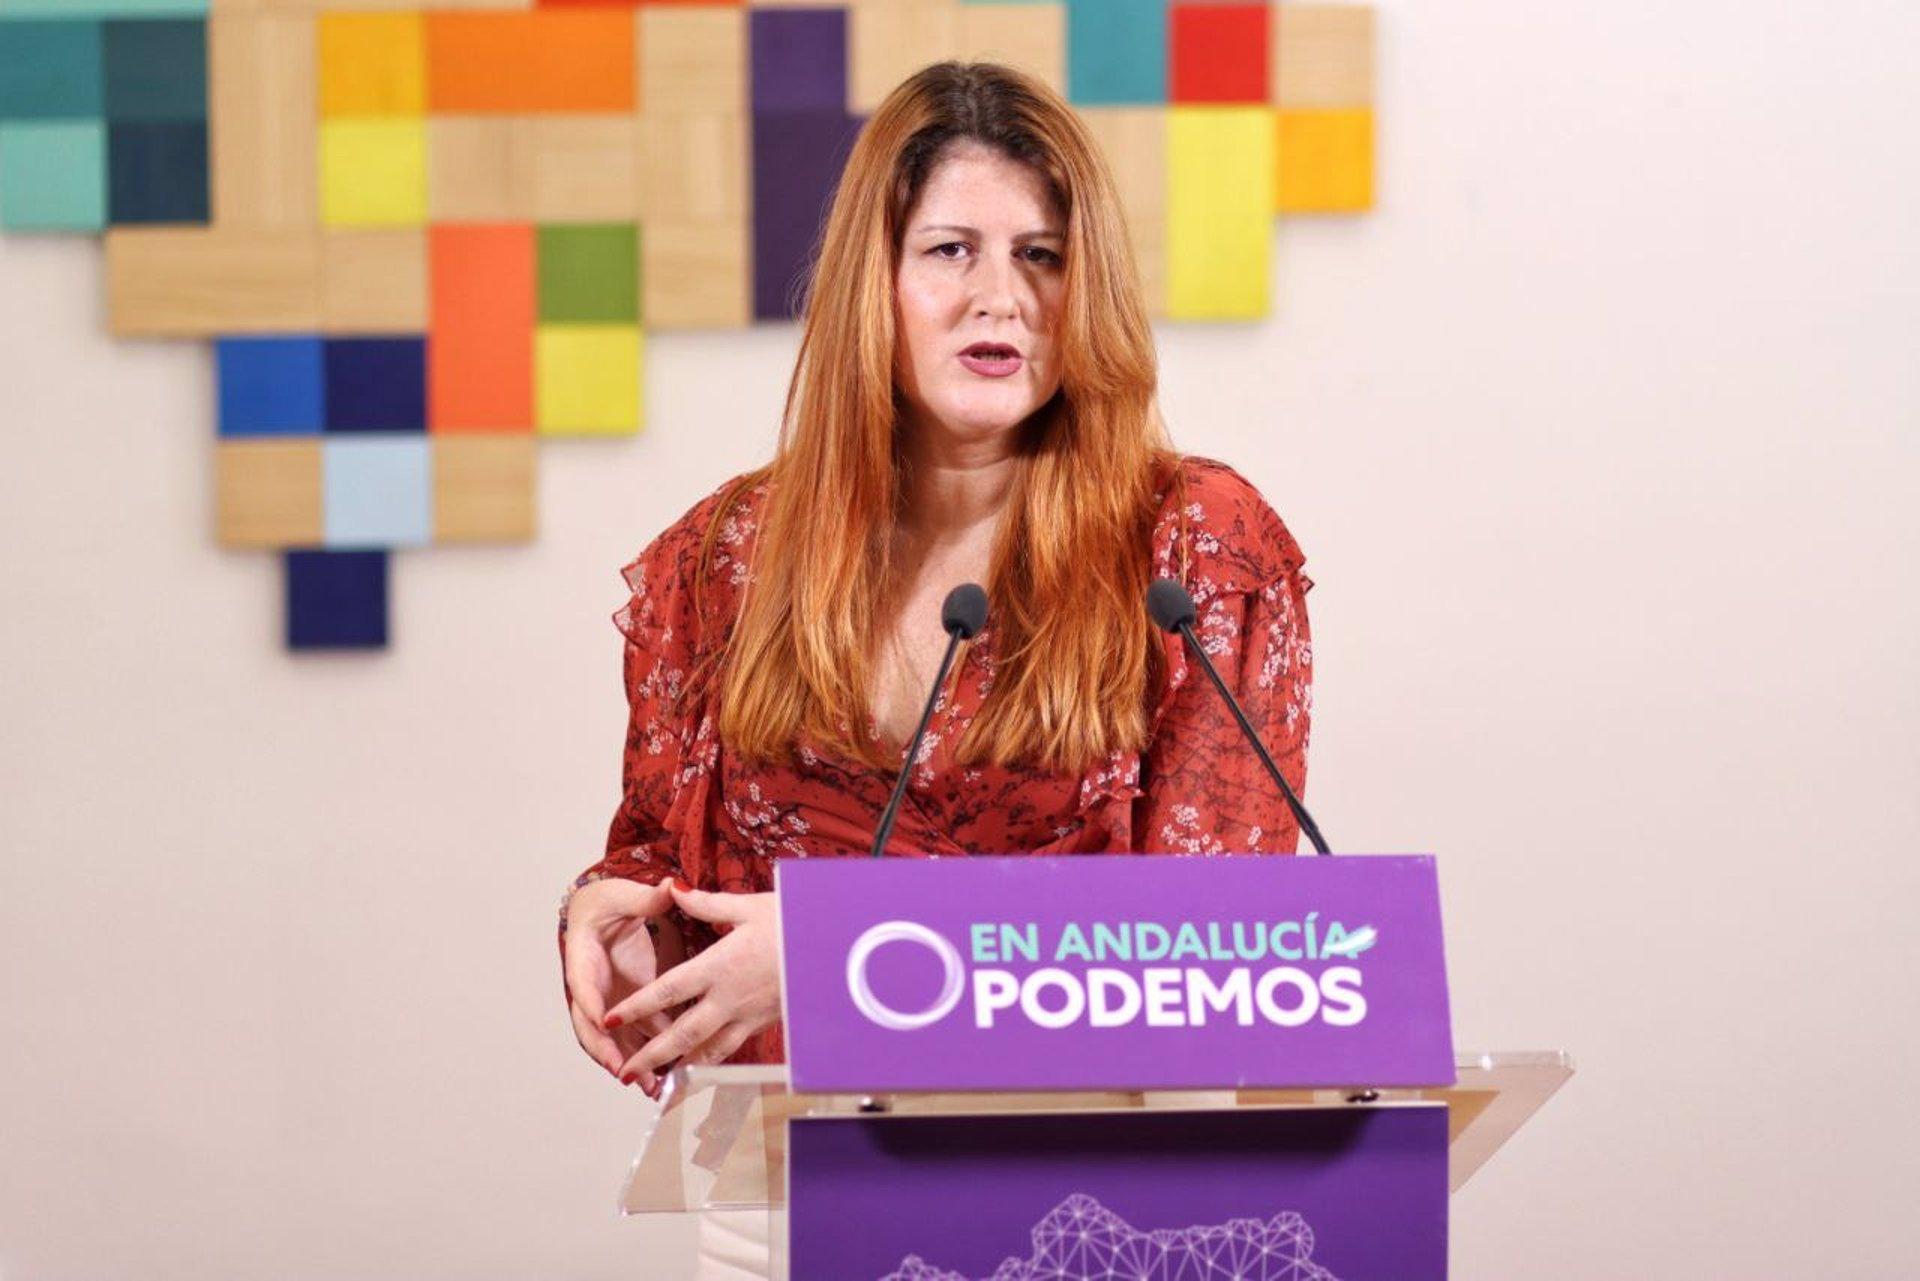 Podemos subraya que el paro y la precariedad de Andalucía «siguen estando entre los peores» del país